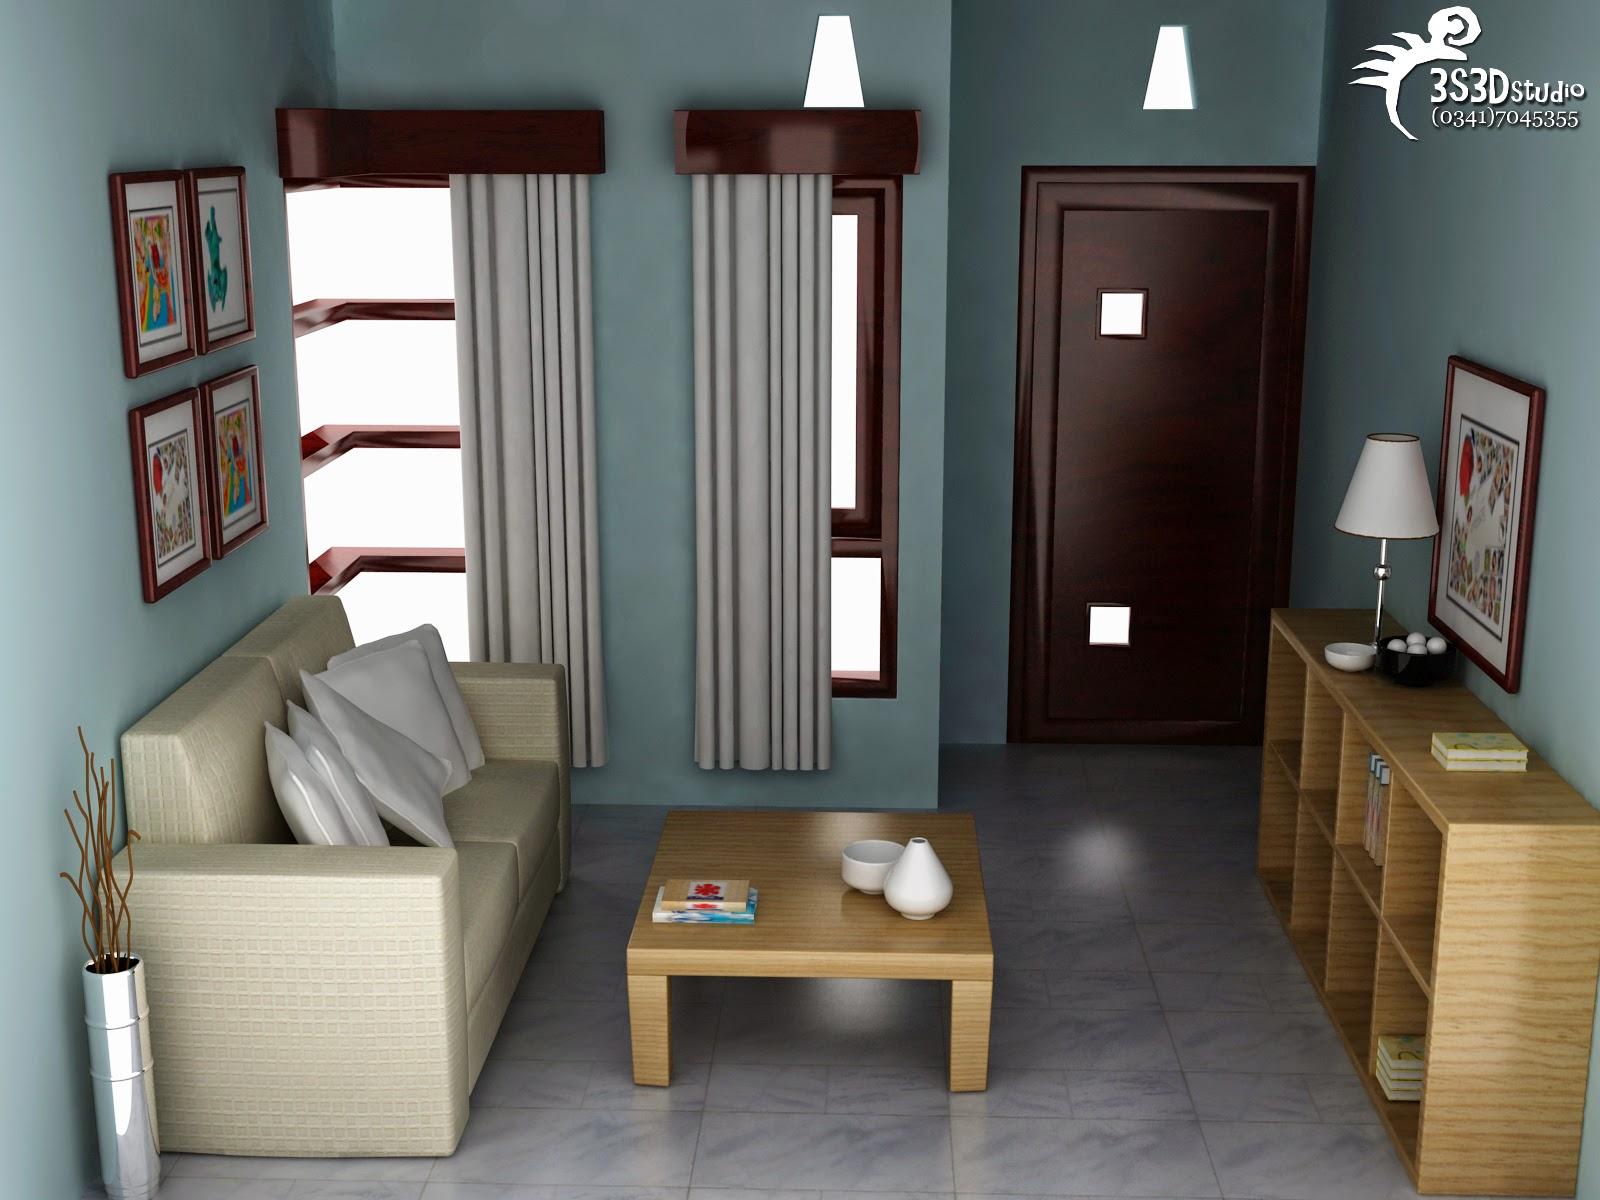 Rumah Minimalis Sederhana Type 2160  Rumah Minimalis